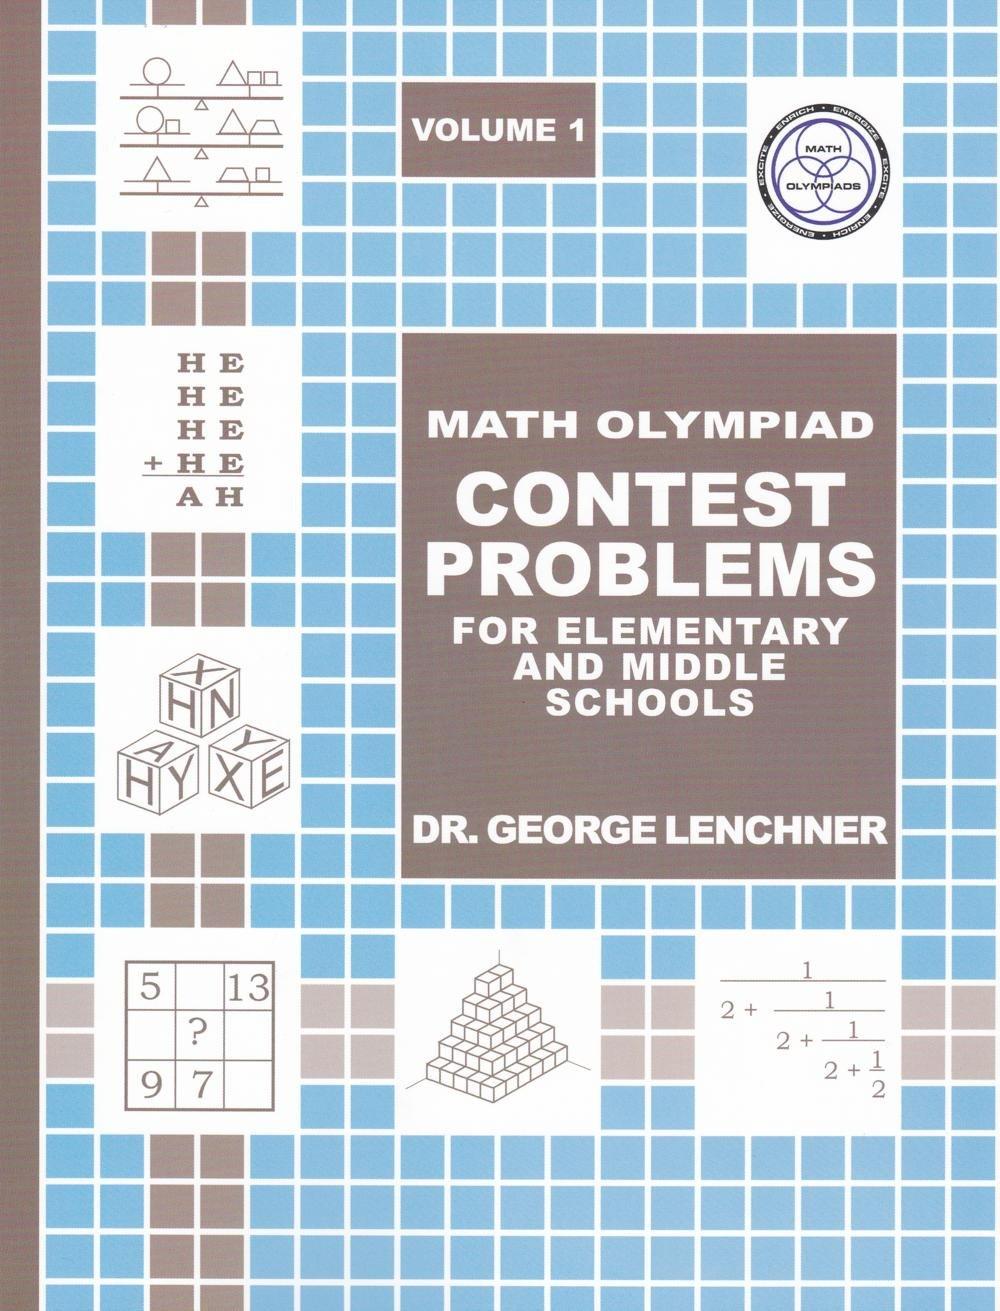 math olympiad contest problems